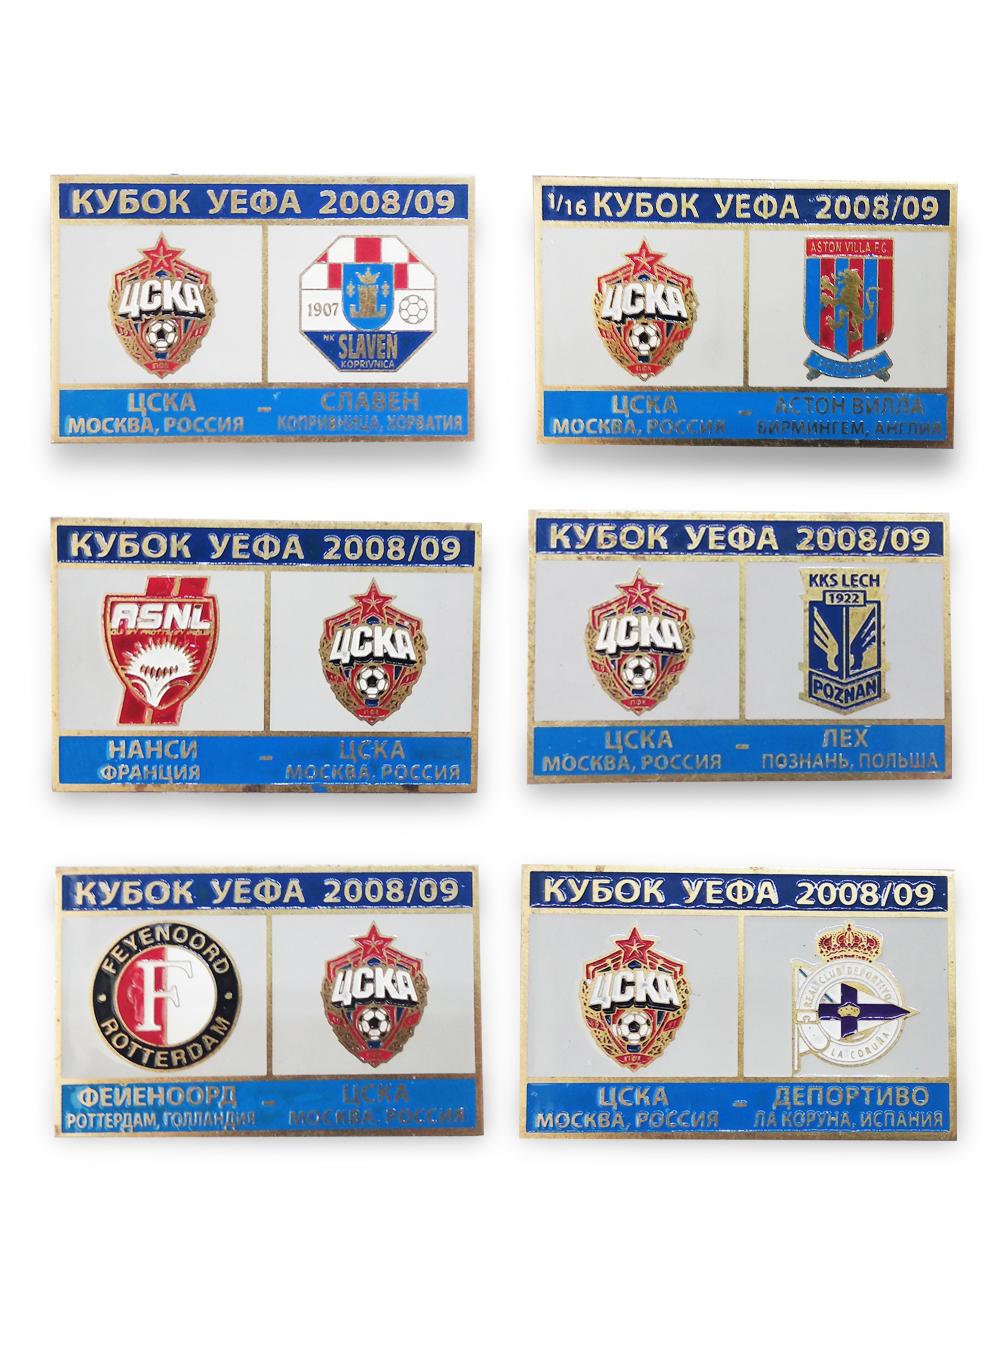 Набор коллекционных значков Кубок УЕФА 2008-2009 (6 шт.) фото